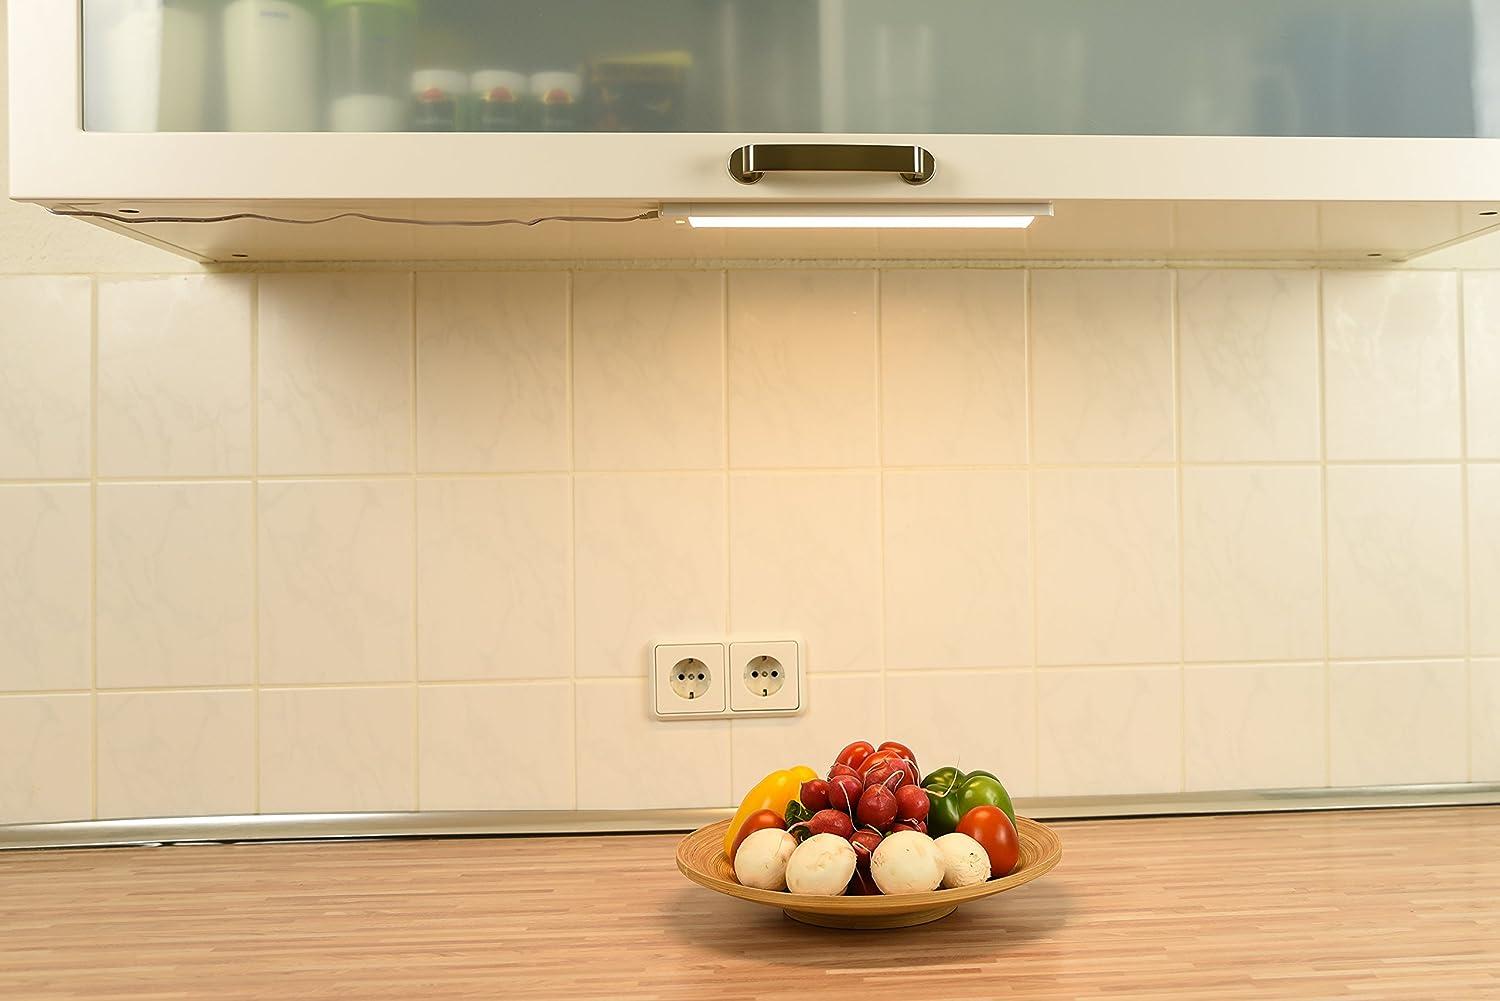 Wunderbar Trommelbeleuchtung Küche Zeitgenössisch - Ideen Für Die ...